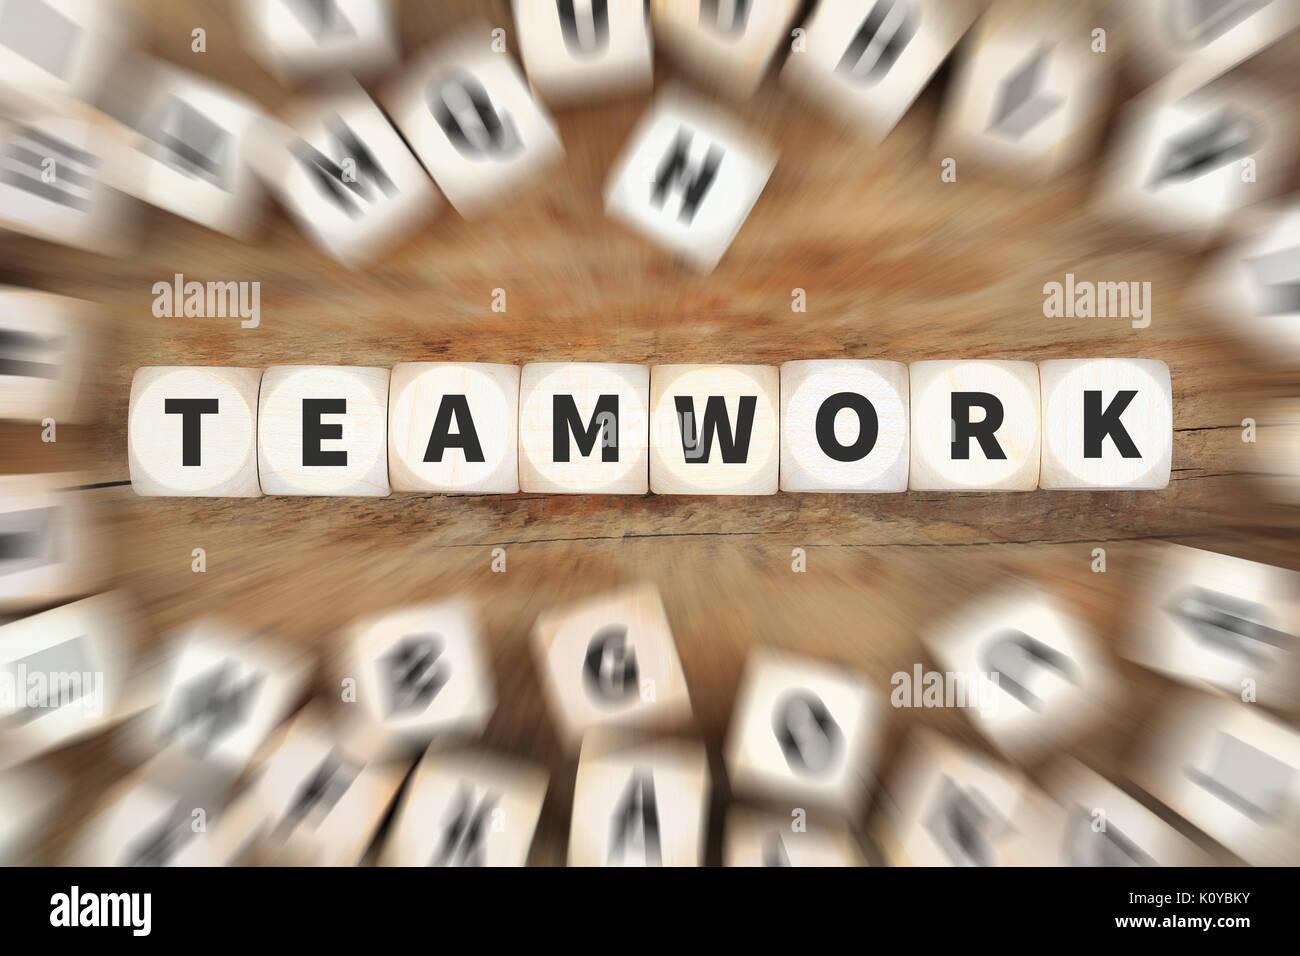 Teamwork team success successful together dice business concept idea - Stock Image